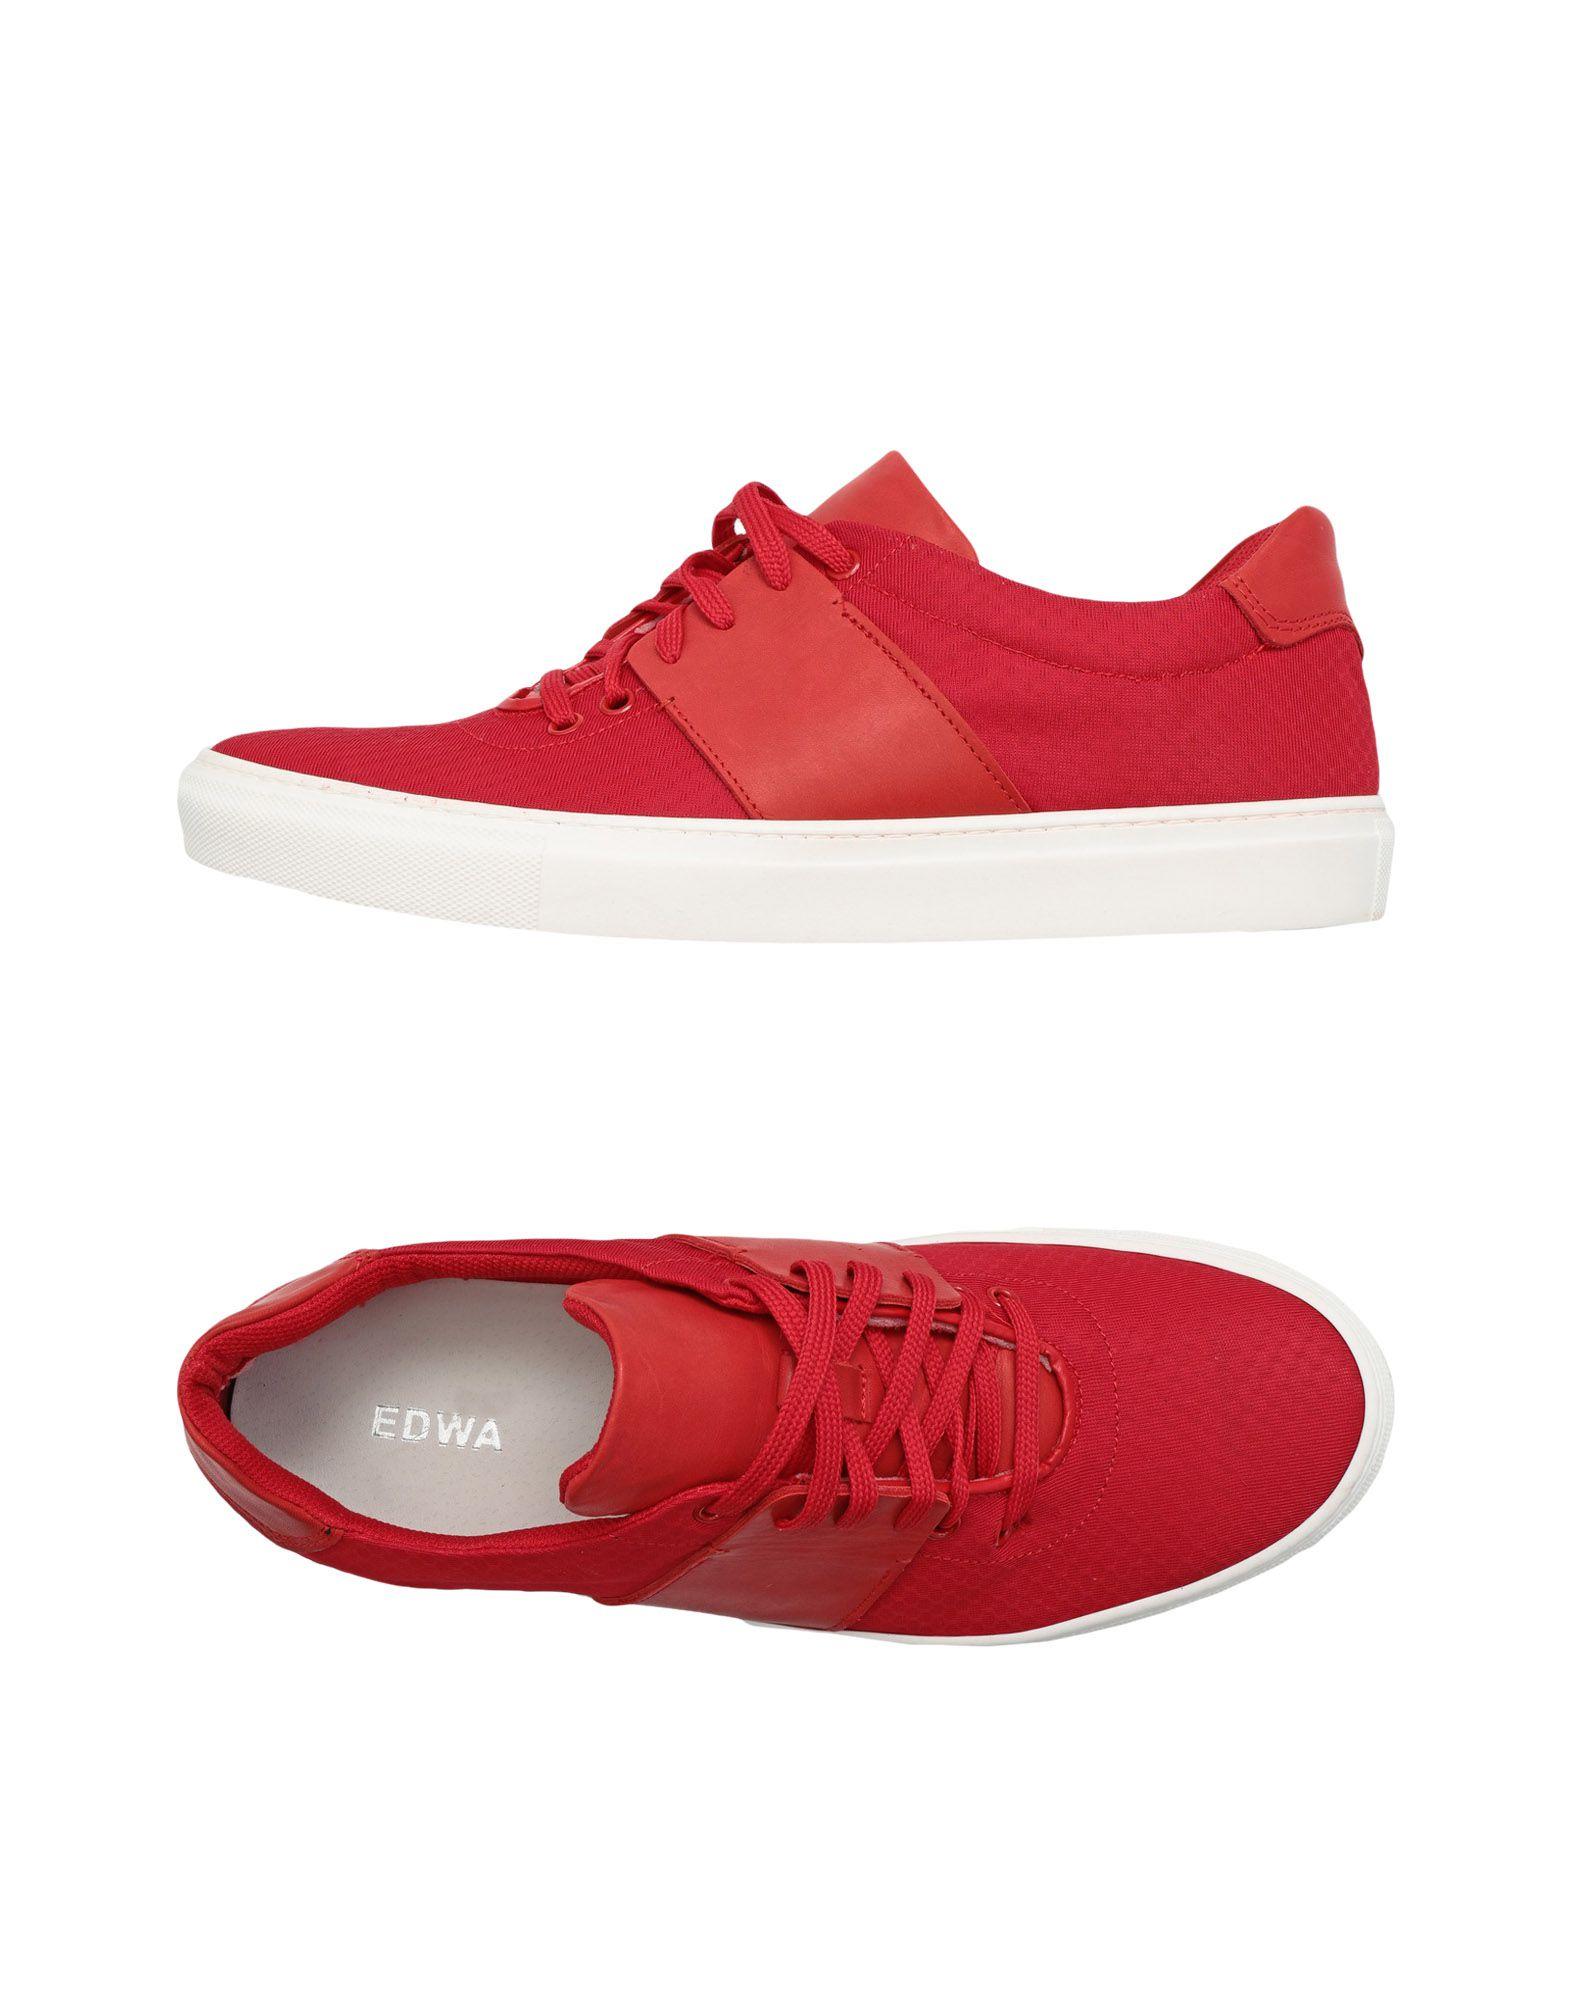 Rabatt echte Schuhe Edwa Sneakers Herren  11458304TQ